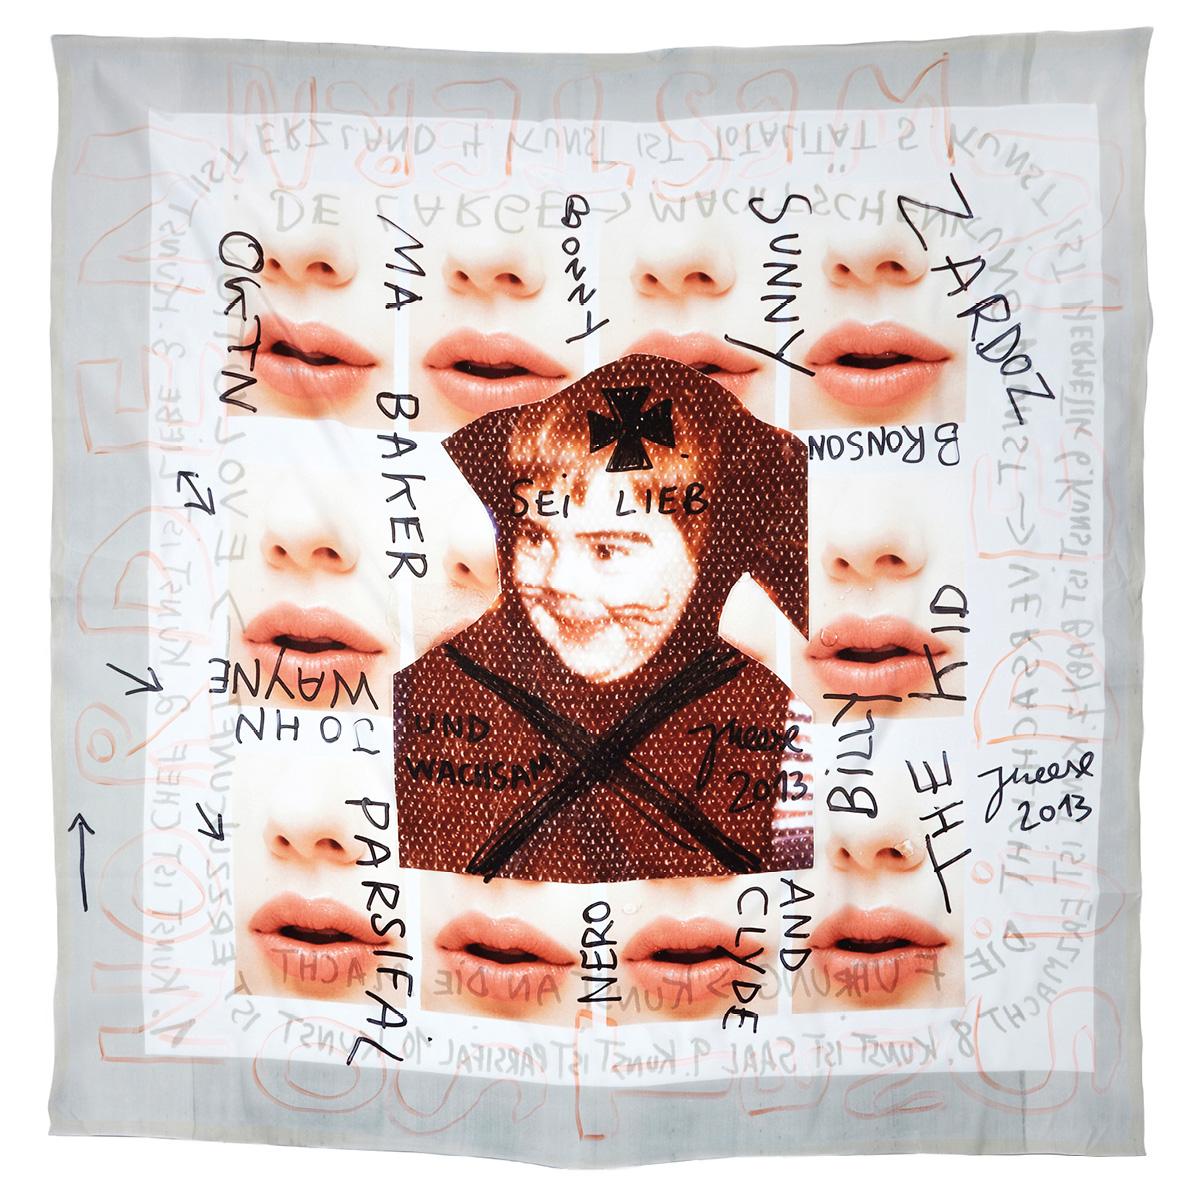 """JONATHAN MEESE_ SAALEVOLUTYR DE BABYHUMPTY- DUMPTY'S ERZSTOFFKUSCHELTUCH """"HERMETIK IM BLUT) (KUSSMUND DER SPOCKOLOGIK) #9 (2013)"""